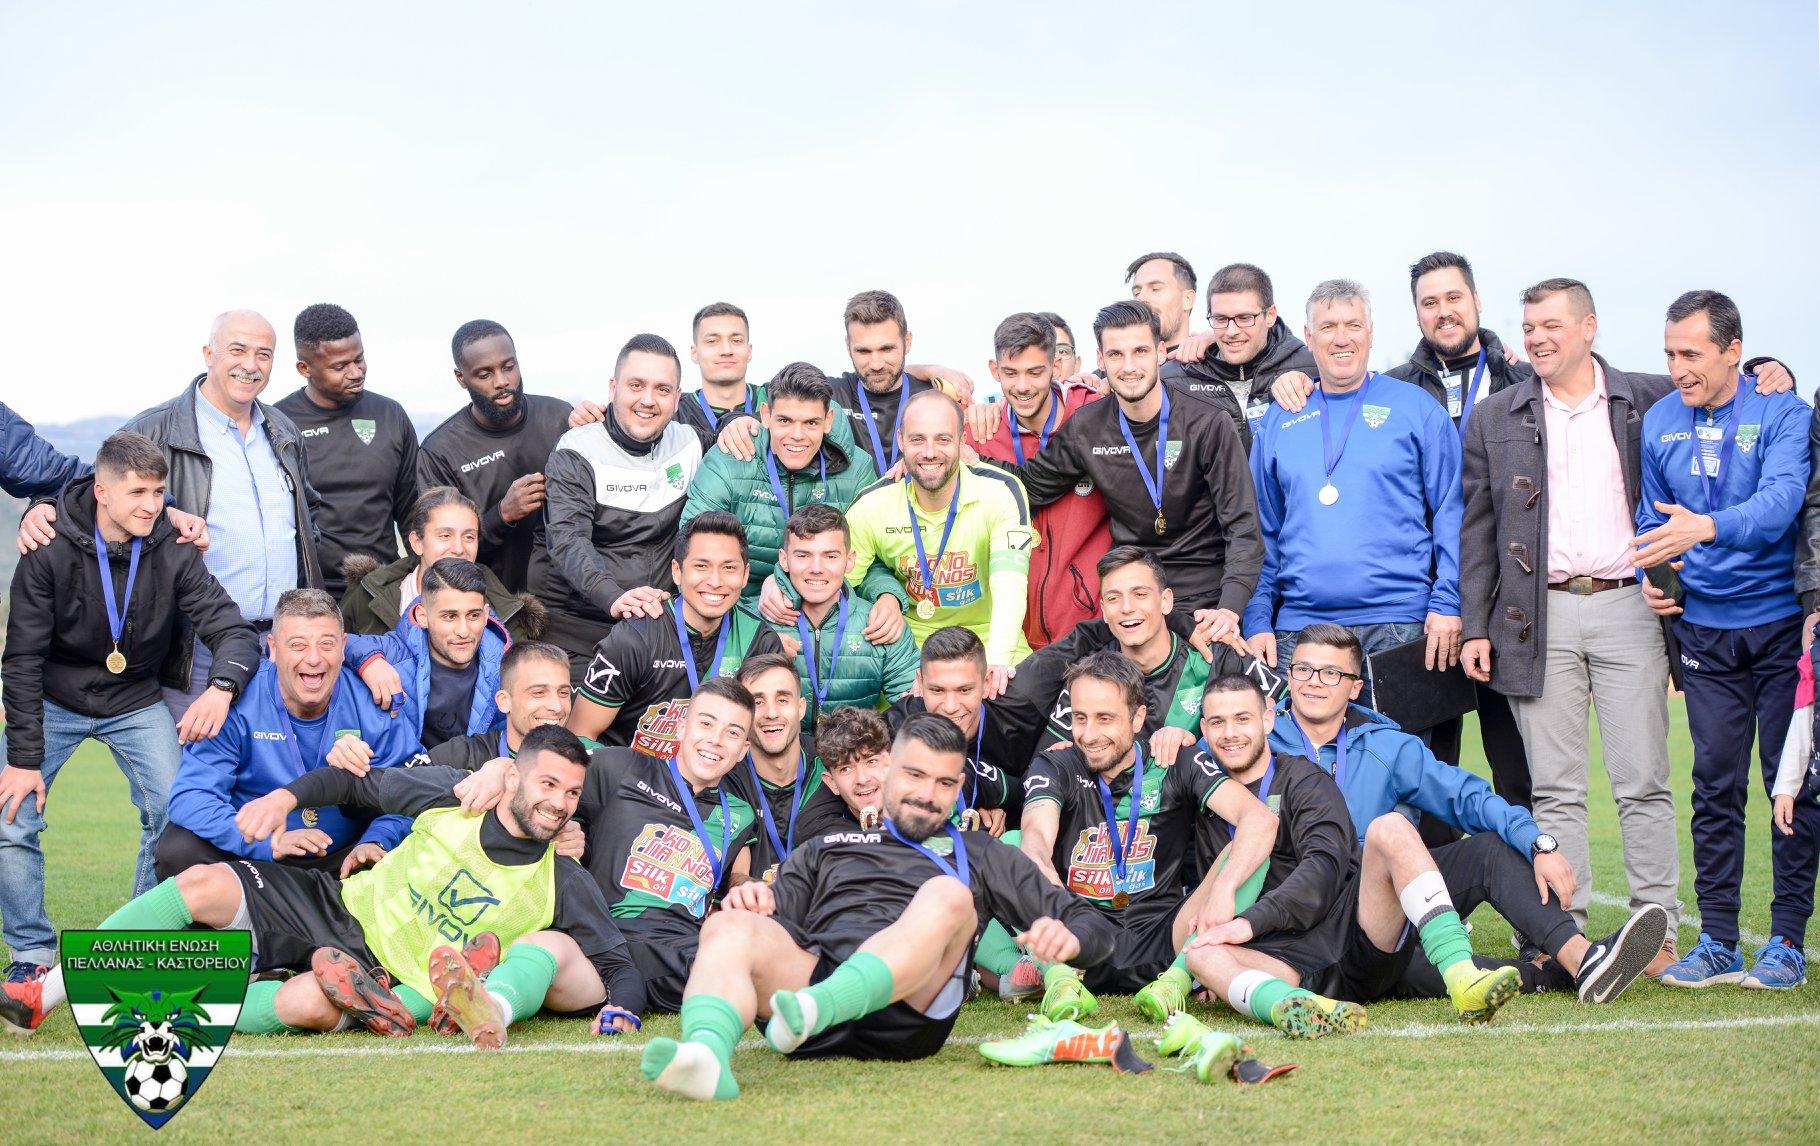 Κύπελλο Λακωνίας: Το πλήρες πρόγραμμα